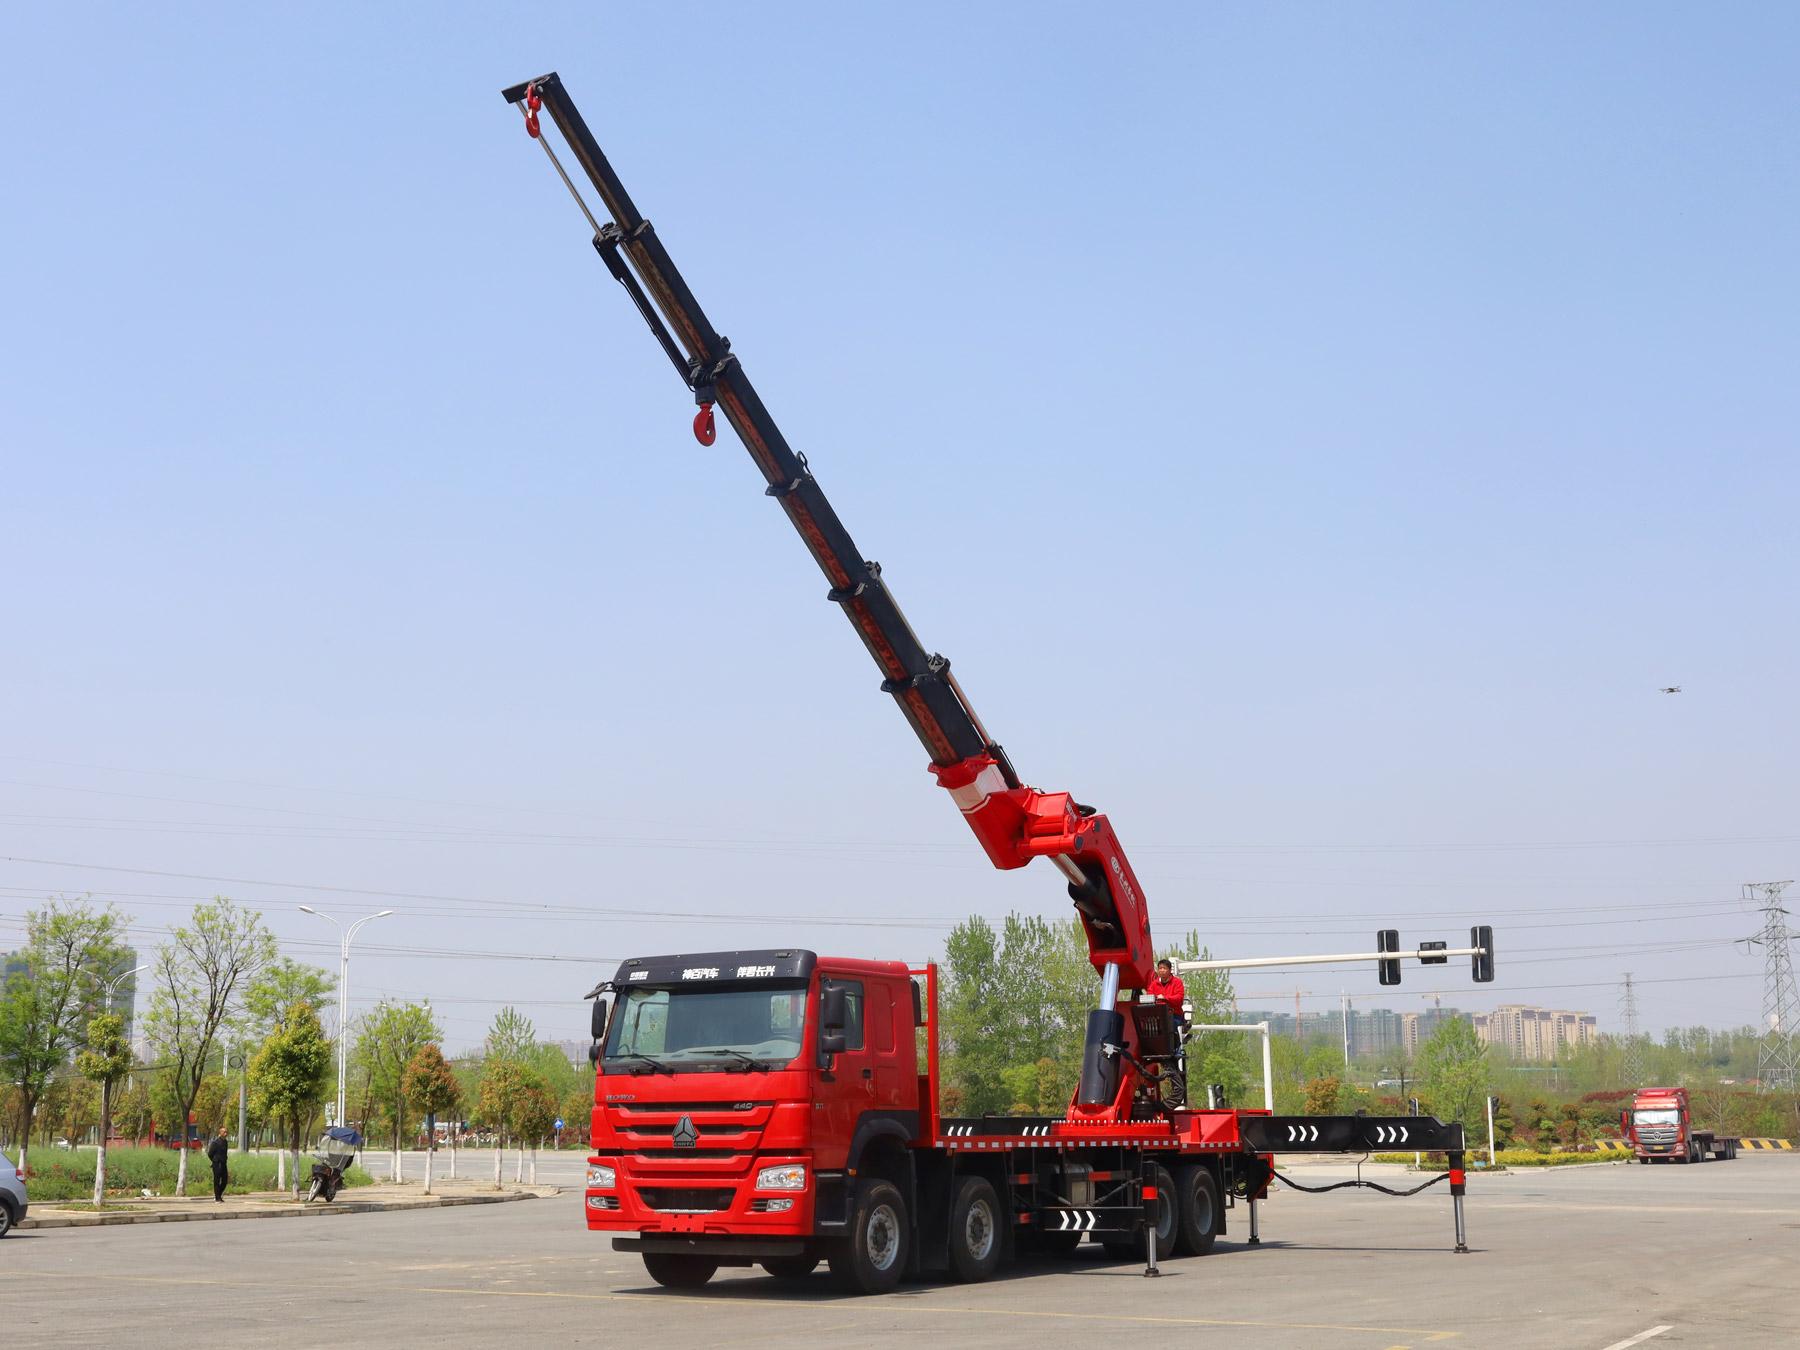 SQZ2180(4米吊55吨)长兴折臂吊机全方位高清图展示